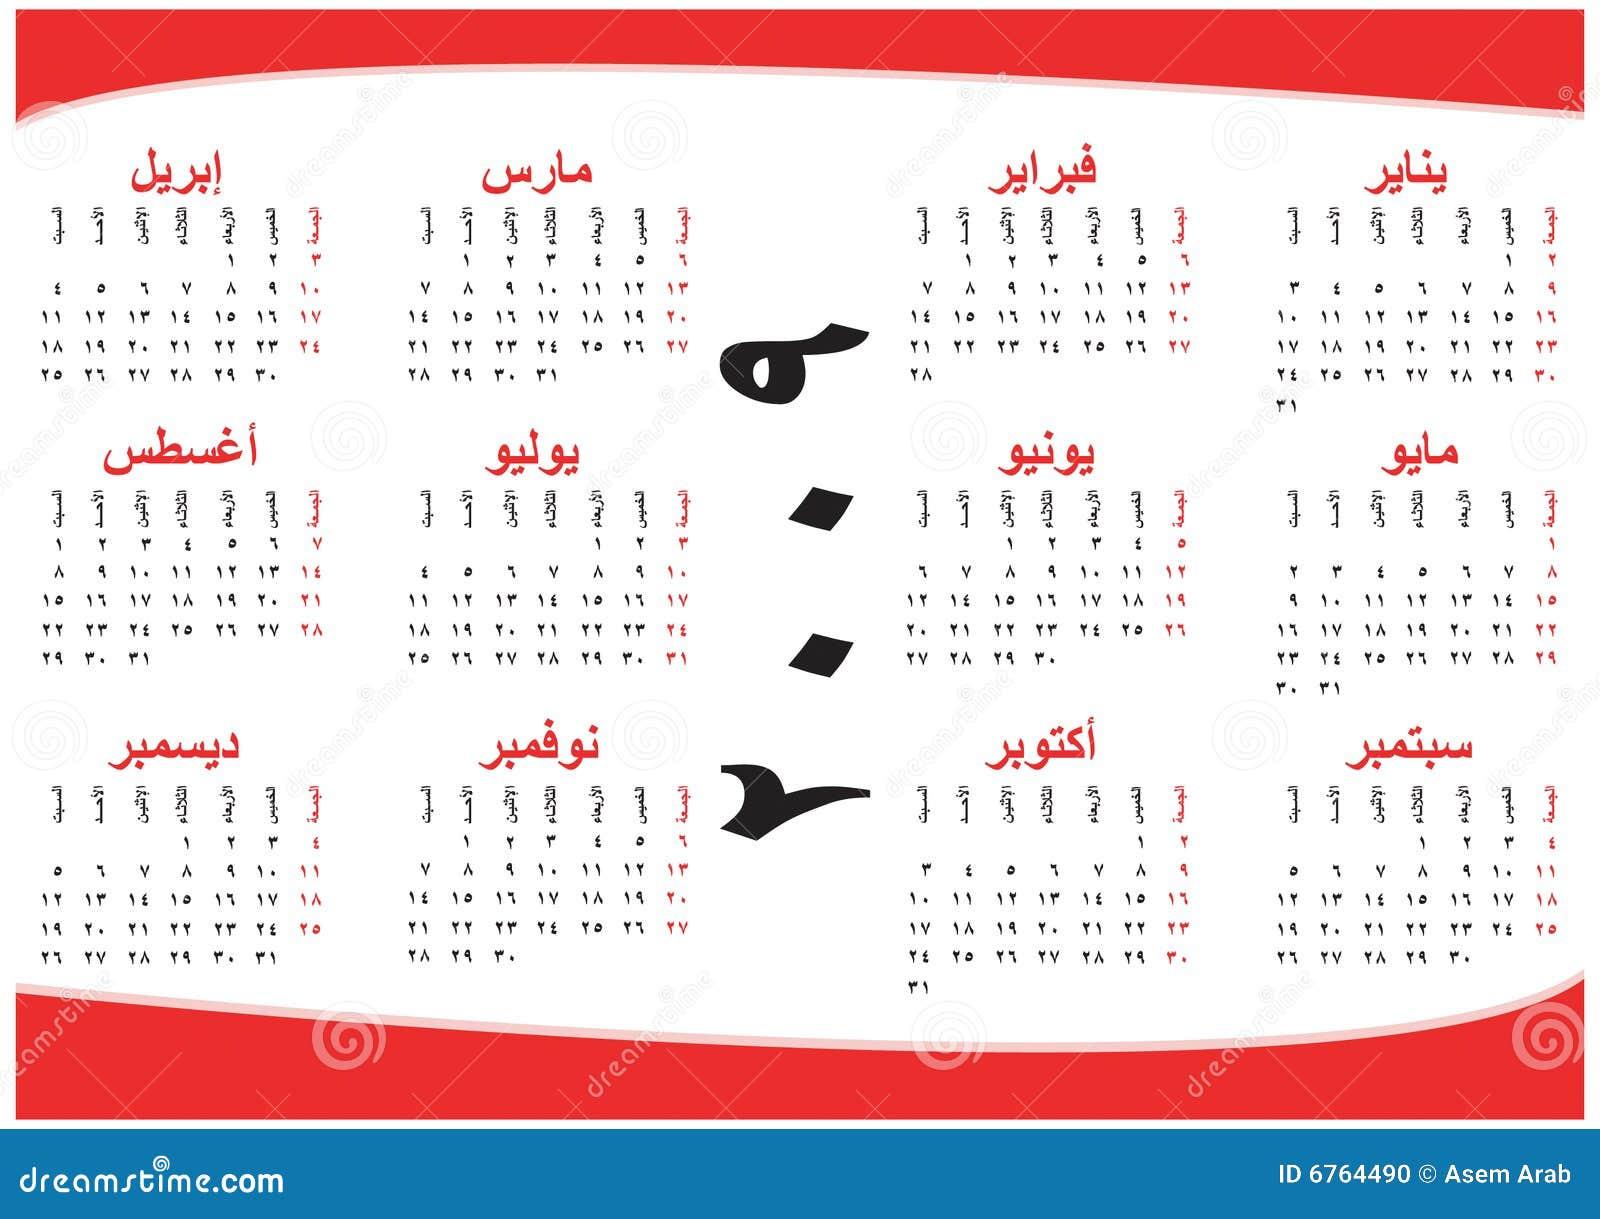 2009个阿拉伯日历北印度语编号.